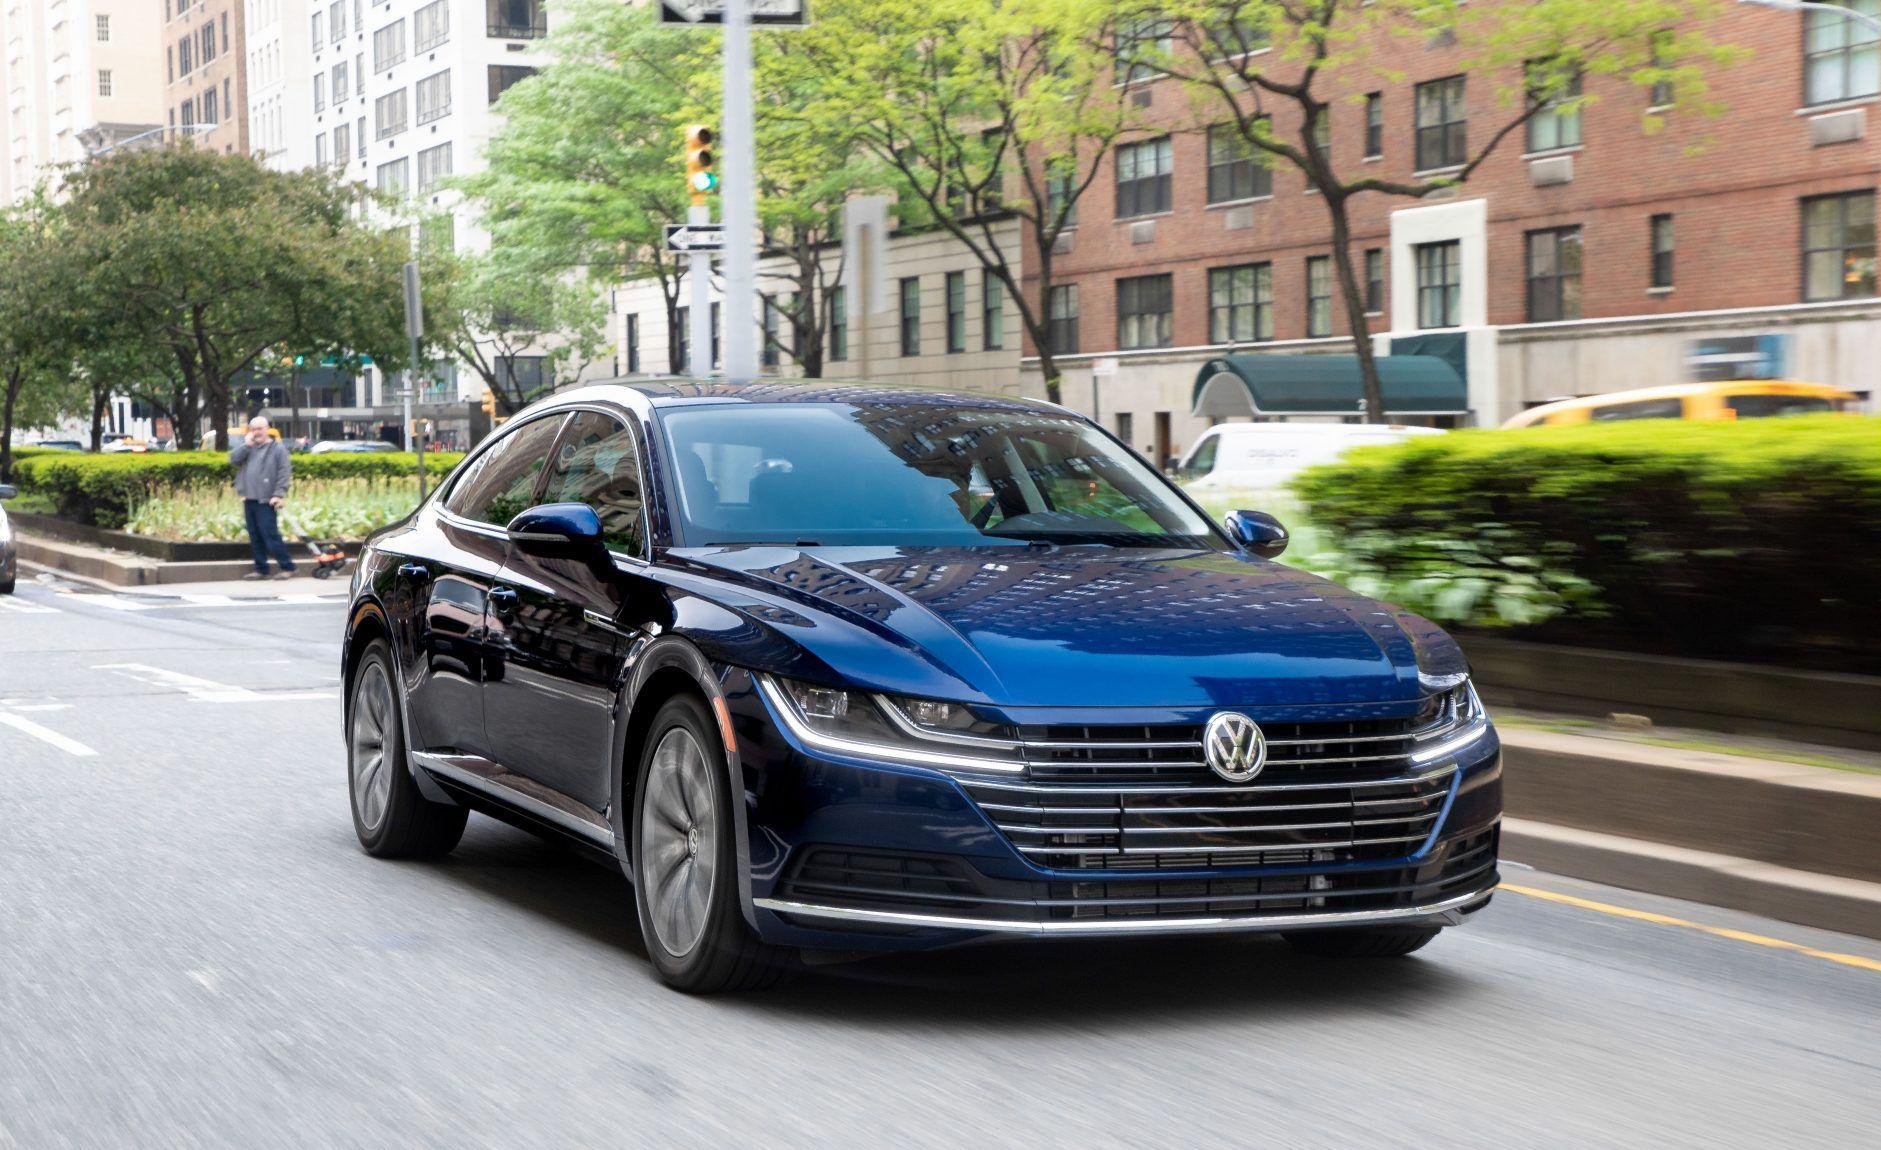 2021 Volkswagen Arteon Review Vw S Stylish For You Volkswagen Volkswagen Car Porsche Panamera